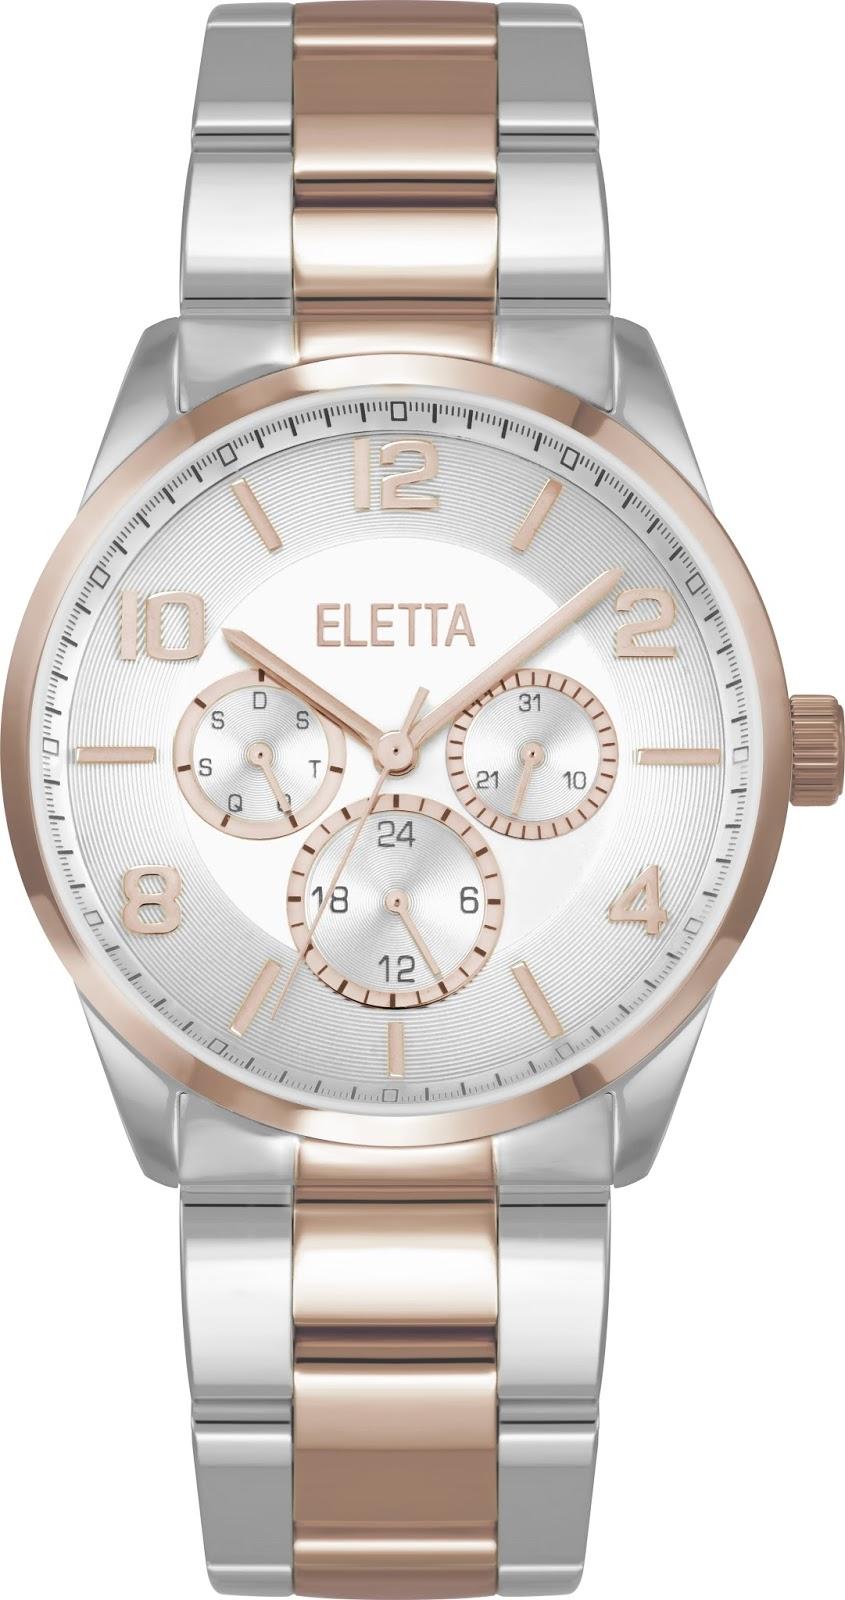 8b0792c8537 Estação Cronográfica  Chegado(s) ao mercado - relógios Eletta